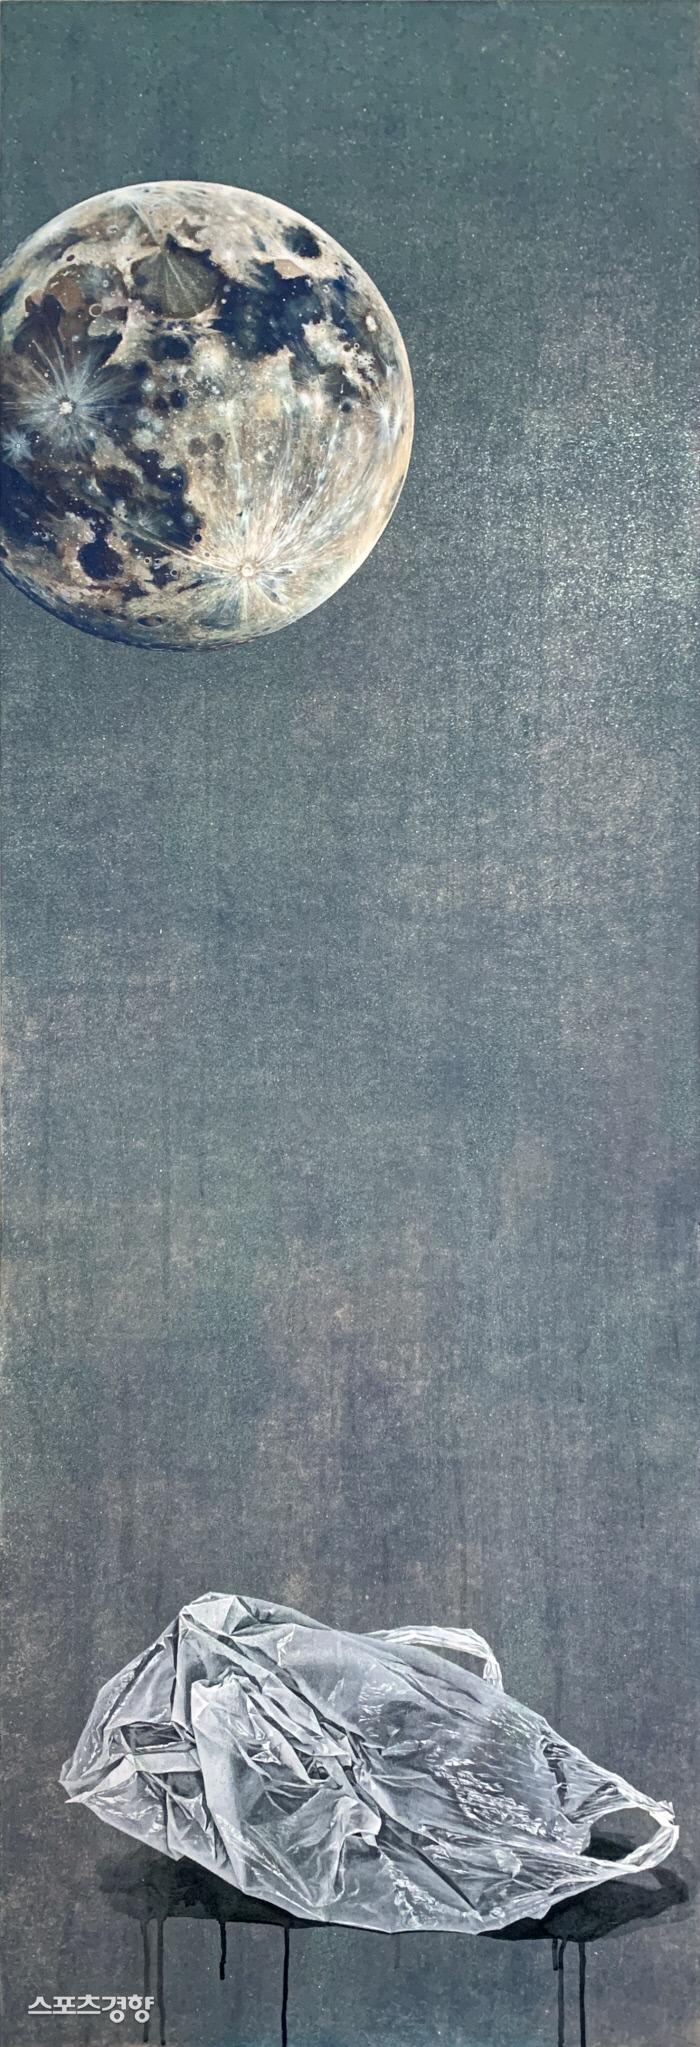 최단미 thrown, 157X60cm, 장지에채색, 2021